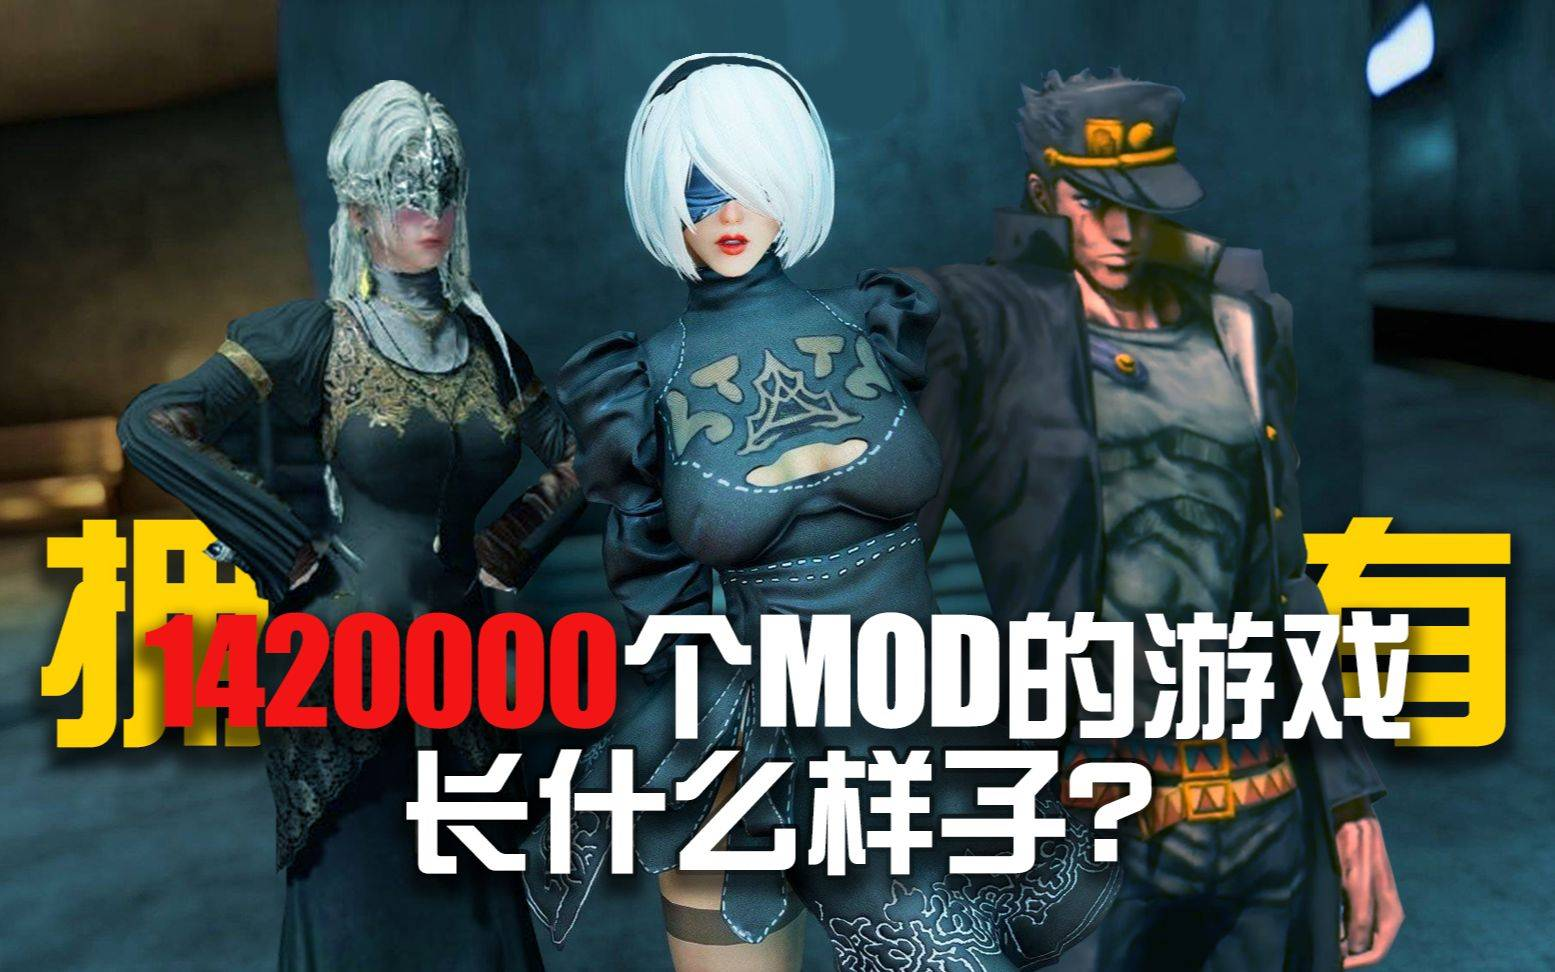 史上MOD最多的游戏! 由142万个MOD组成的游戏你见过吗?